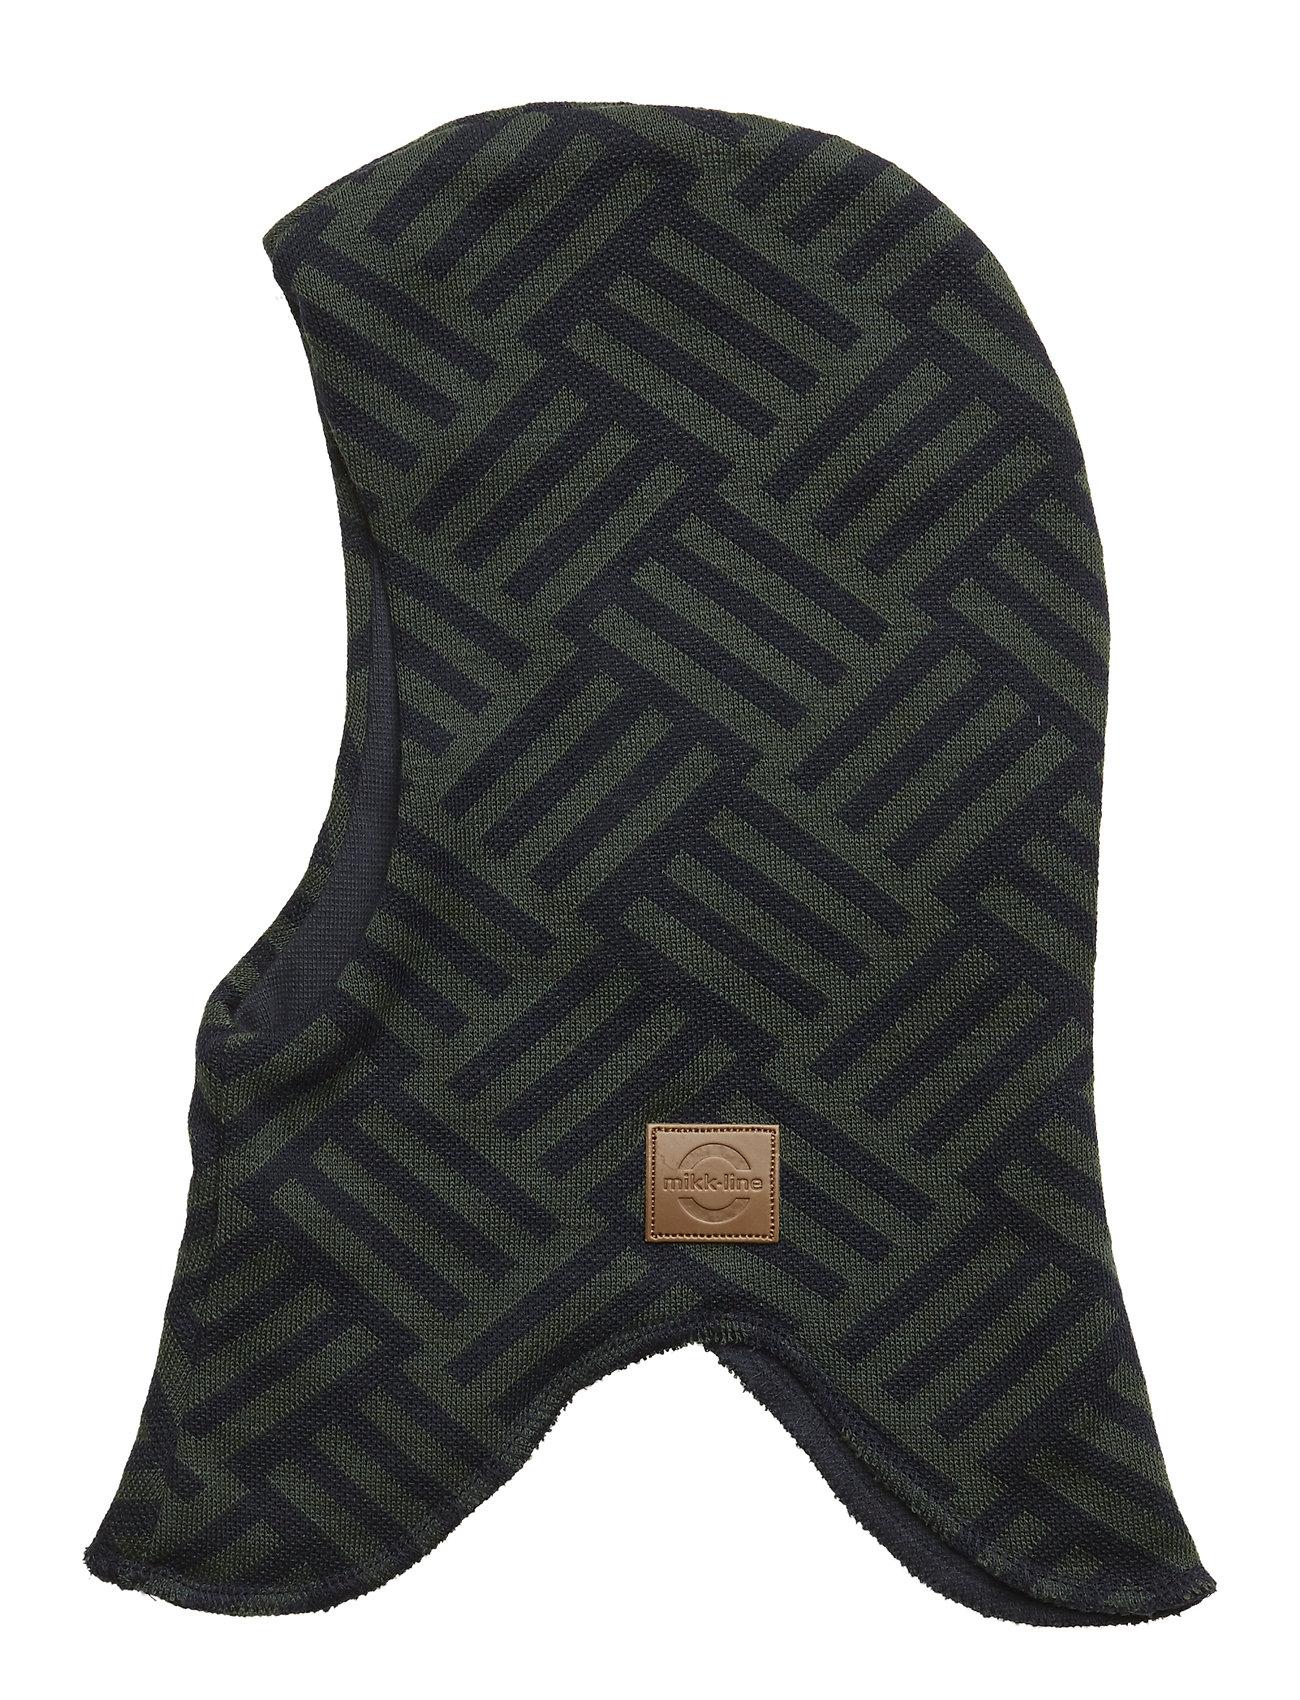 Wool Safety Fullface Accessories Headwear Balaclava Grøn Mikk-Line